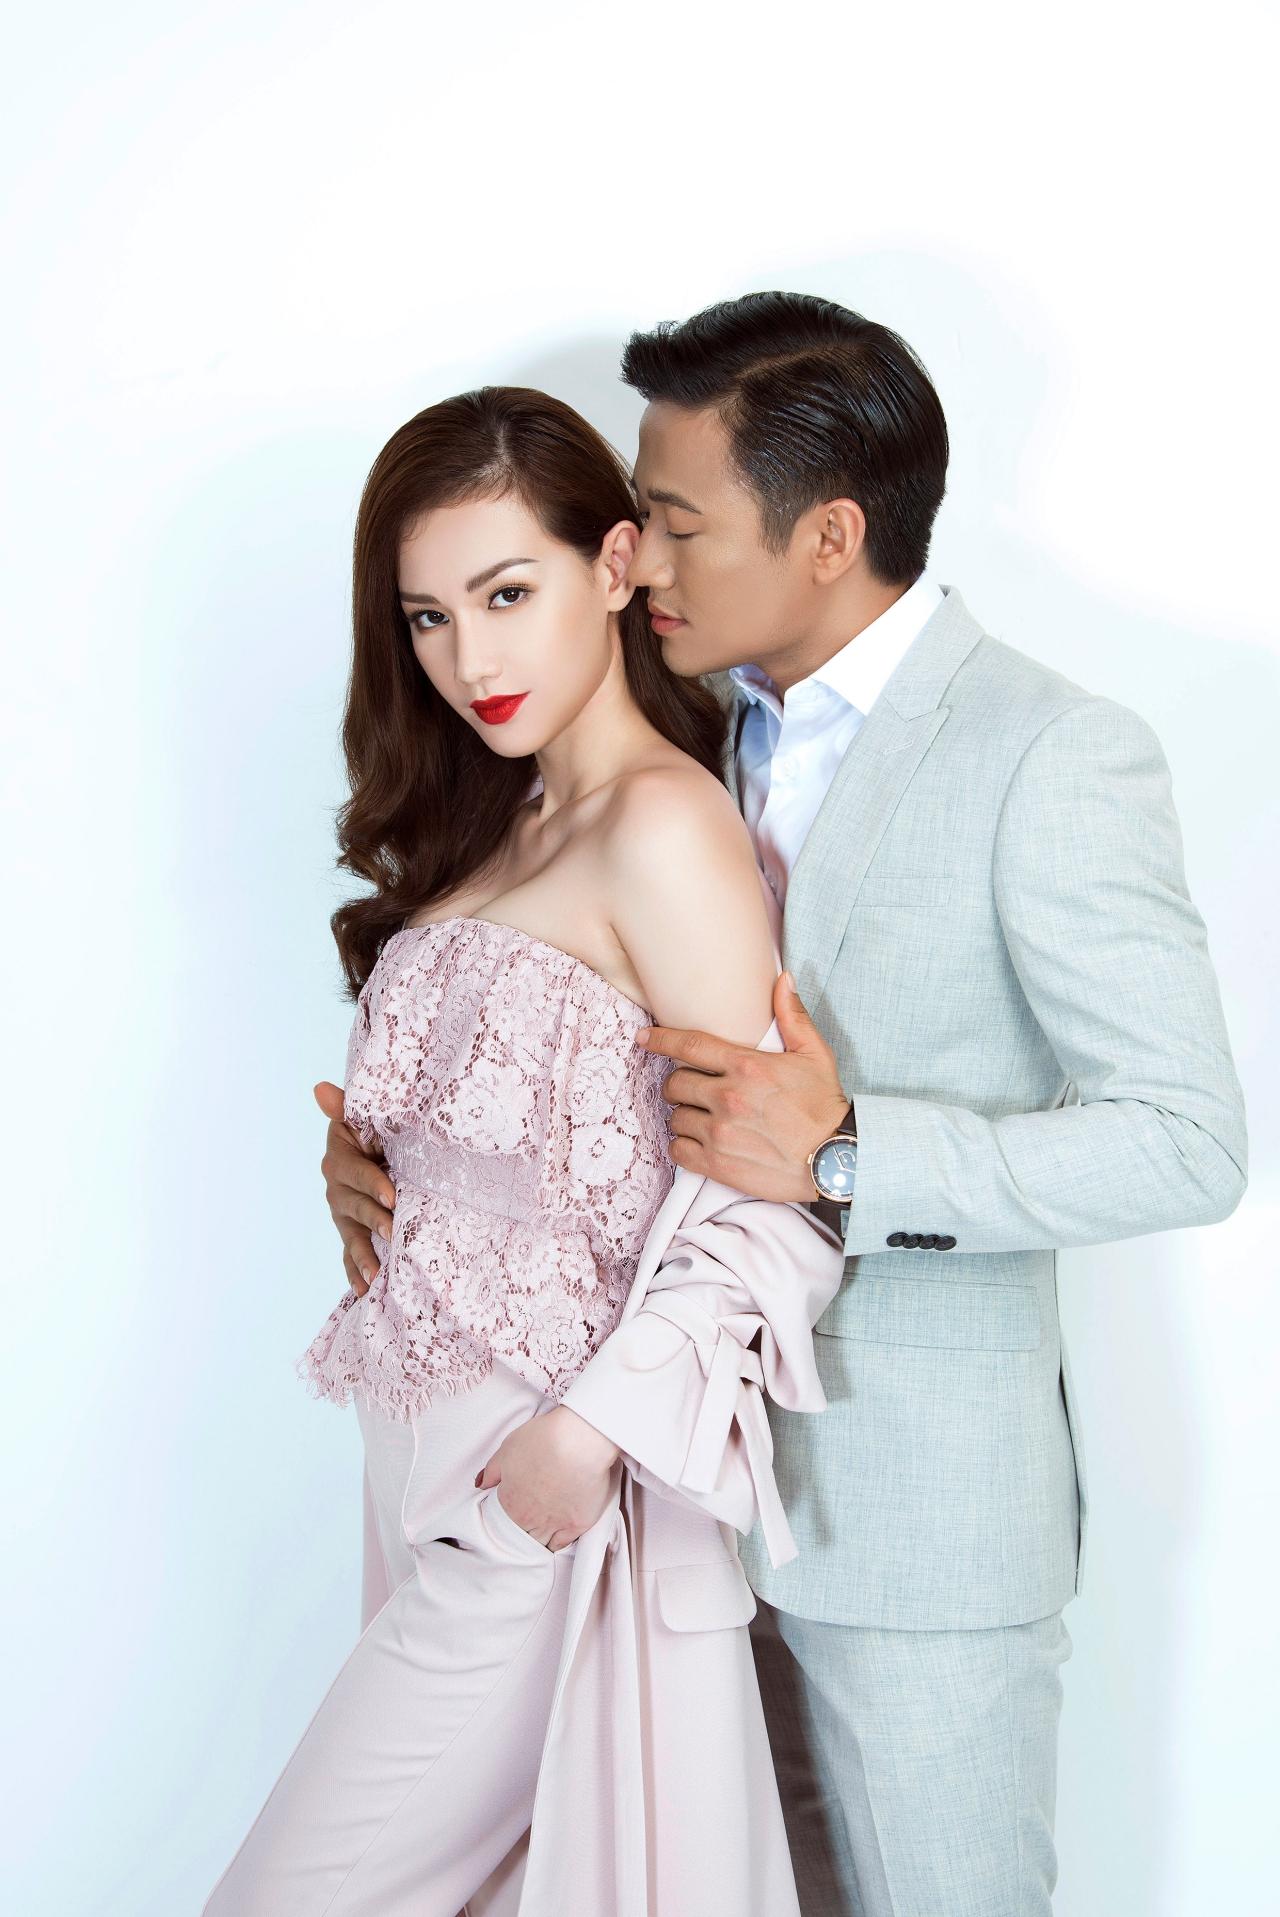 Ngôi sao - MC Quỳnh Chi khoe vẻ đẹp gợi cảm bên Quý Bình (Hình 3).